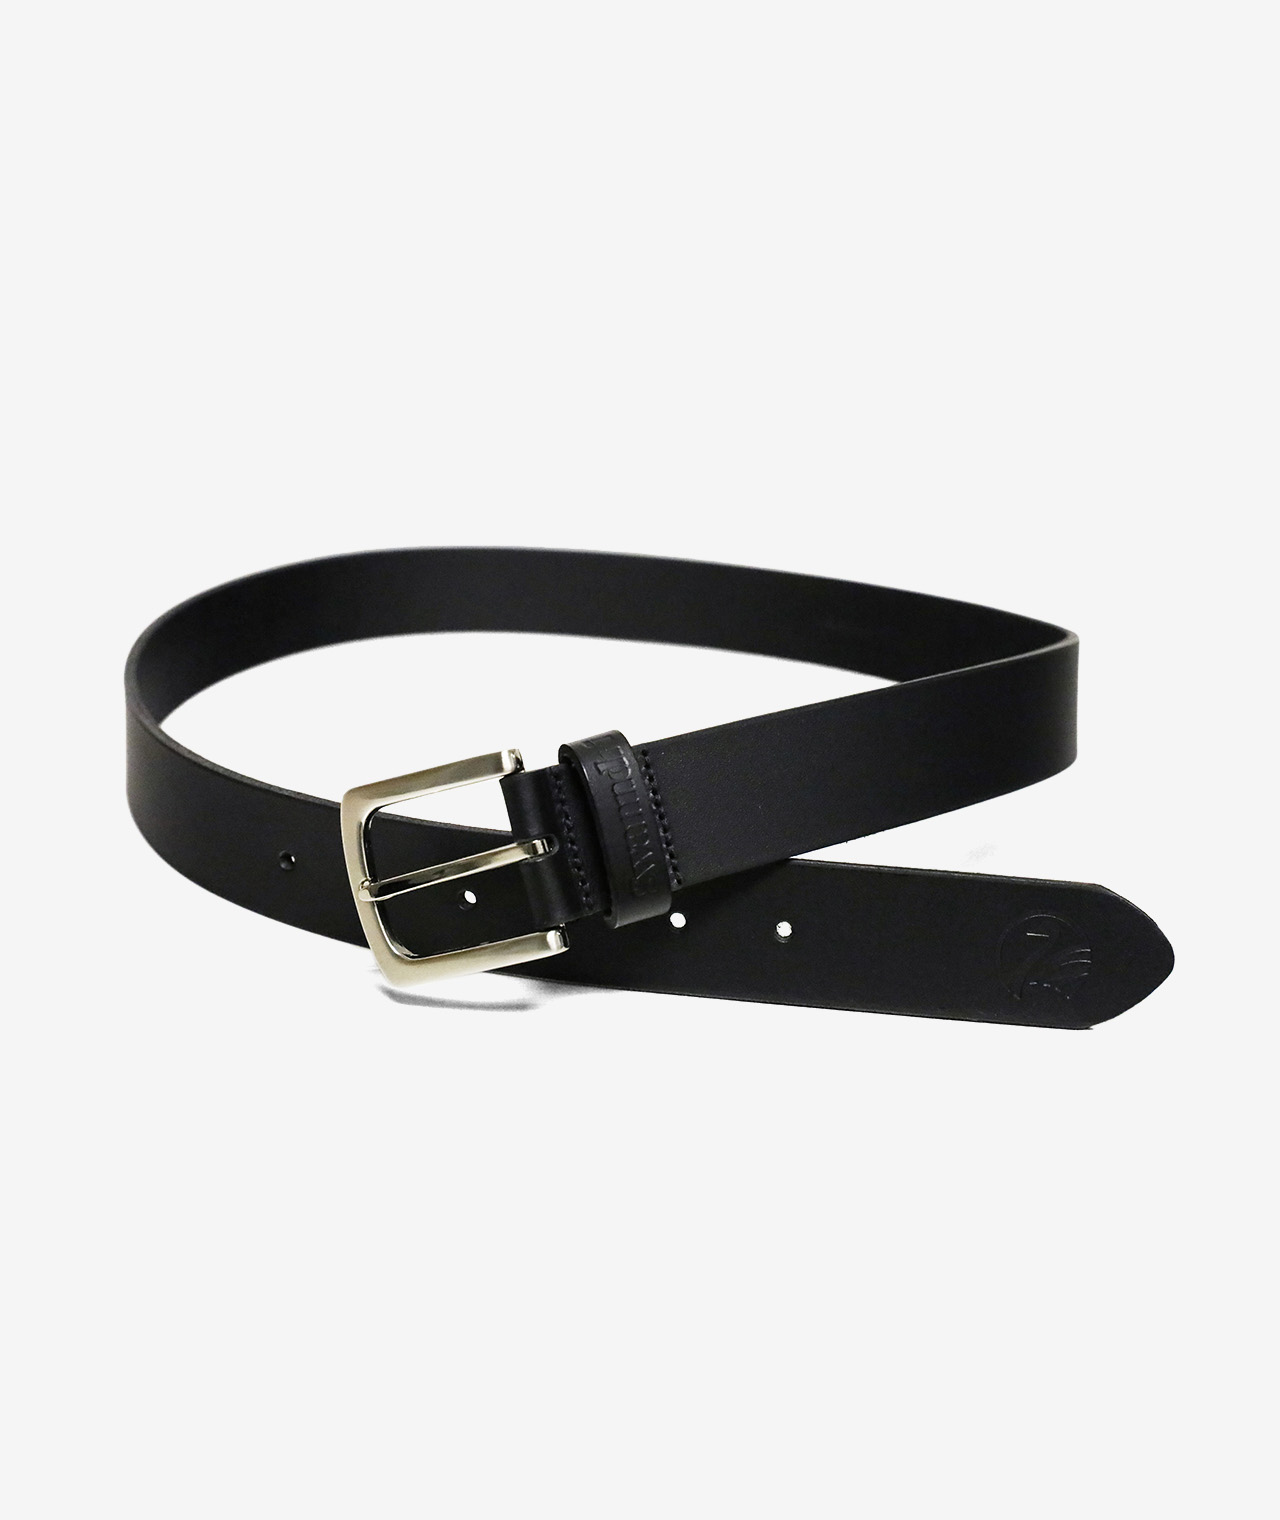 Swanndri Men's Black Leather Jean Belt - 35mm Wide